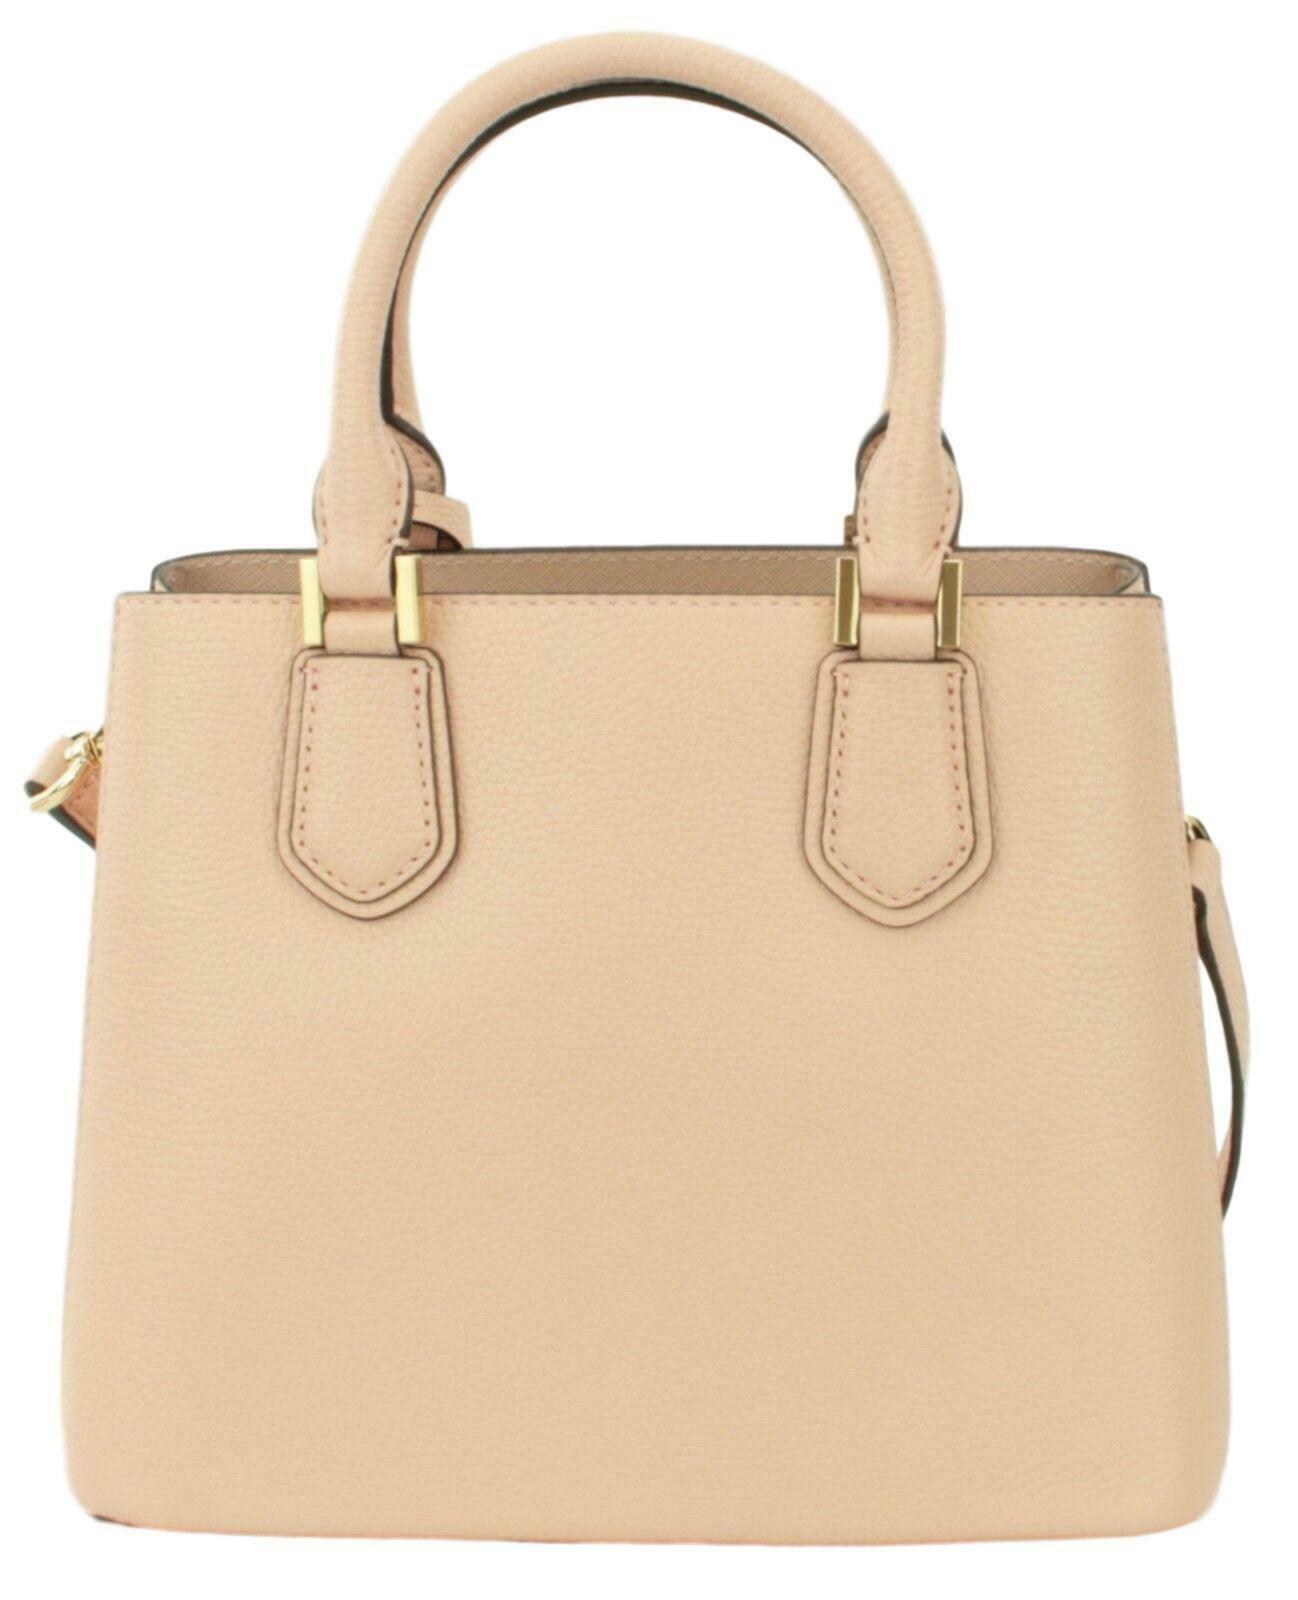 Michael Kors Adele Pastel Pink Leather Shoulder Messenger Bag Handbag image 4